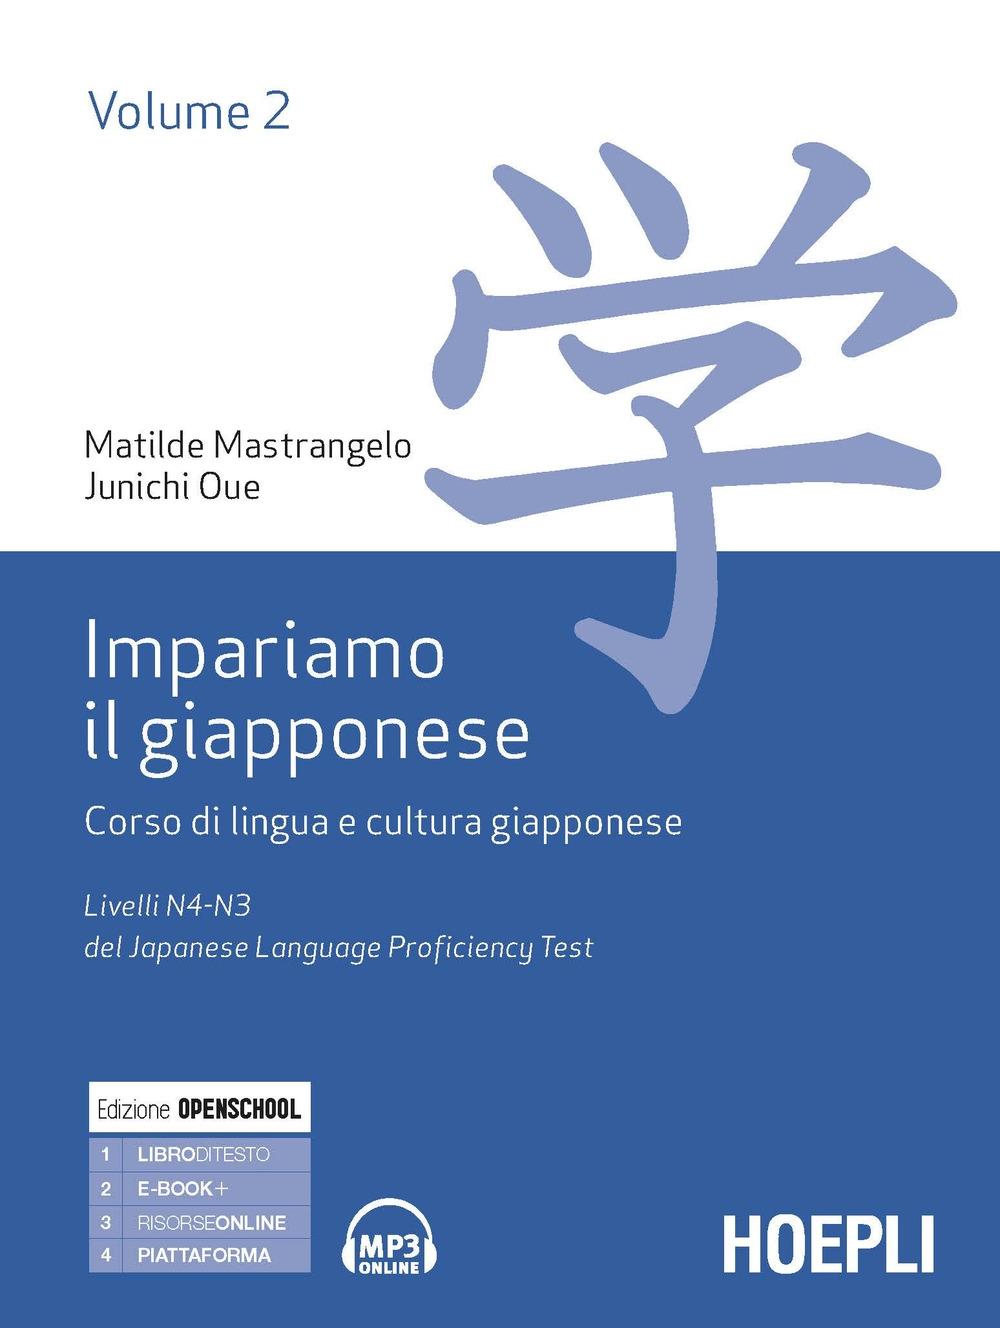 Impariamo il giapponese. Corso di lingua e cultura giapponese. Livelli N5-N4 del del Japanese Language Proficiency Test. Vol. 2 - Mastrangelo Matilde